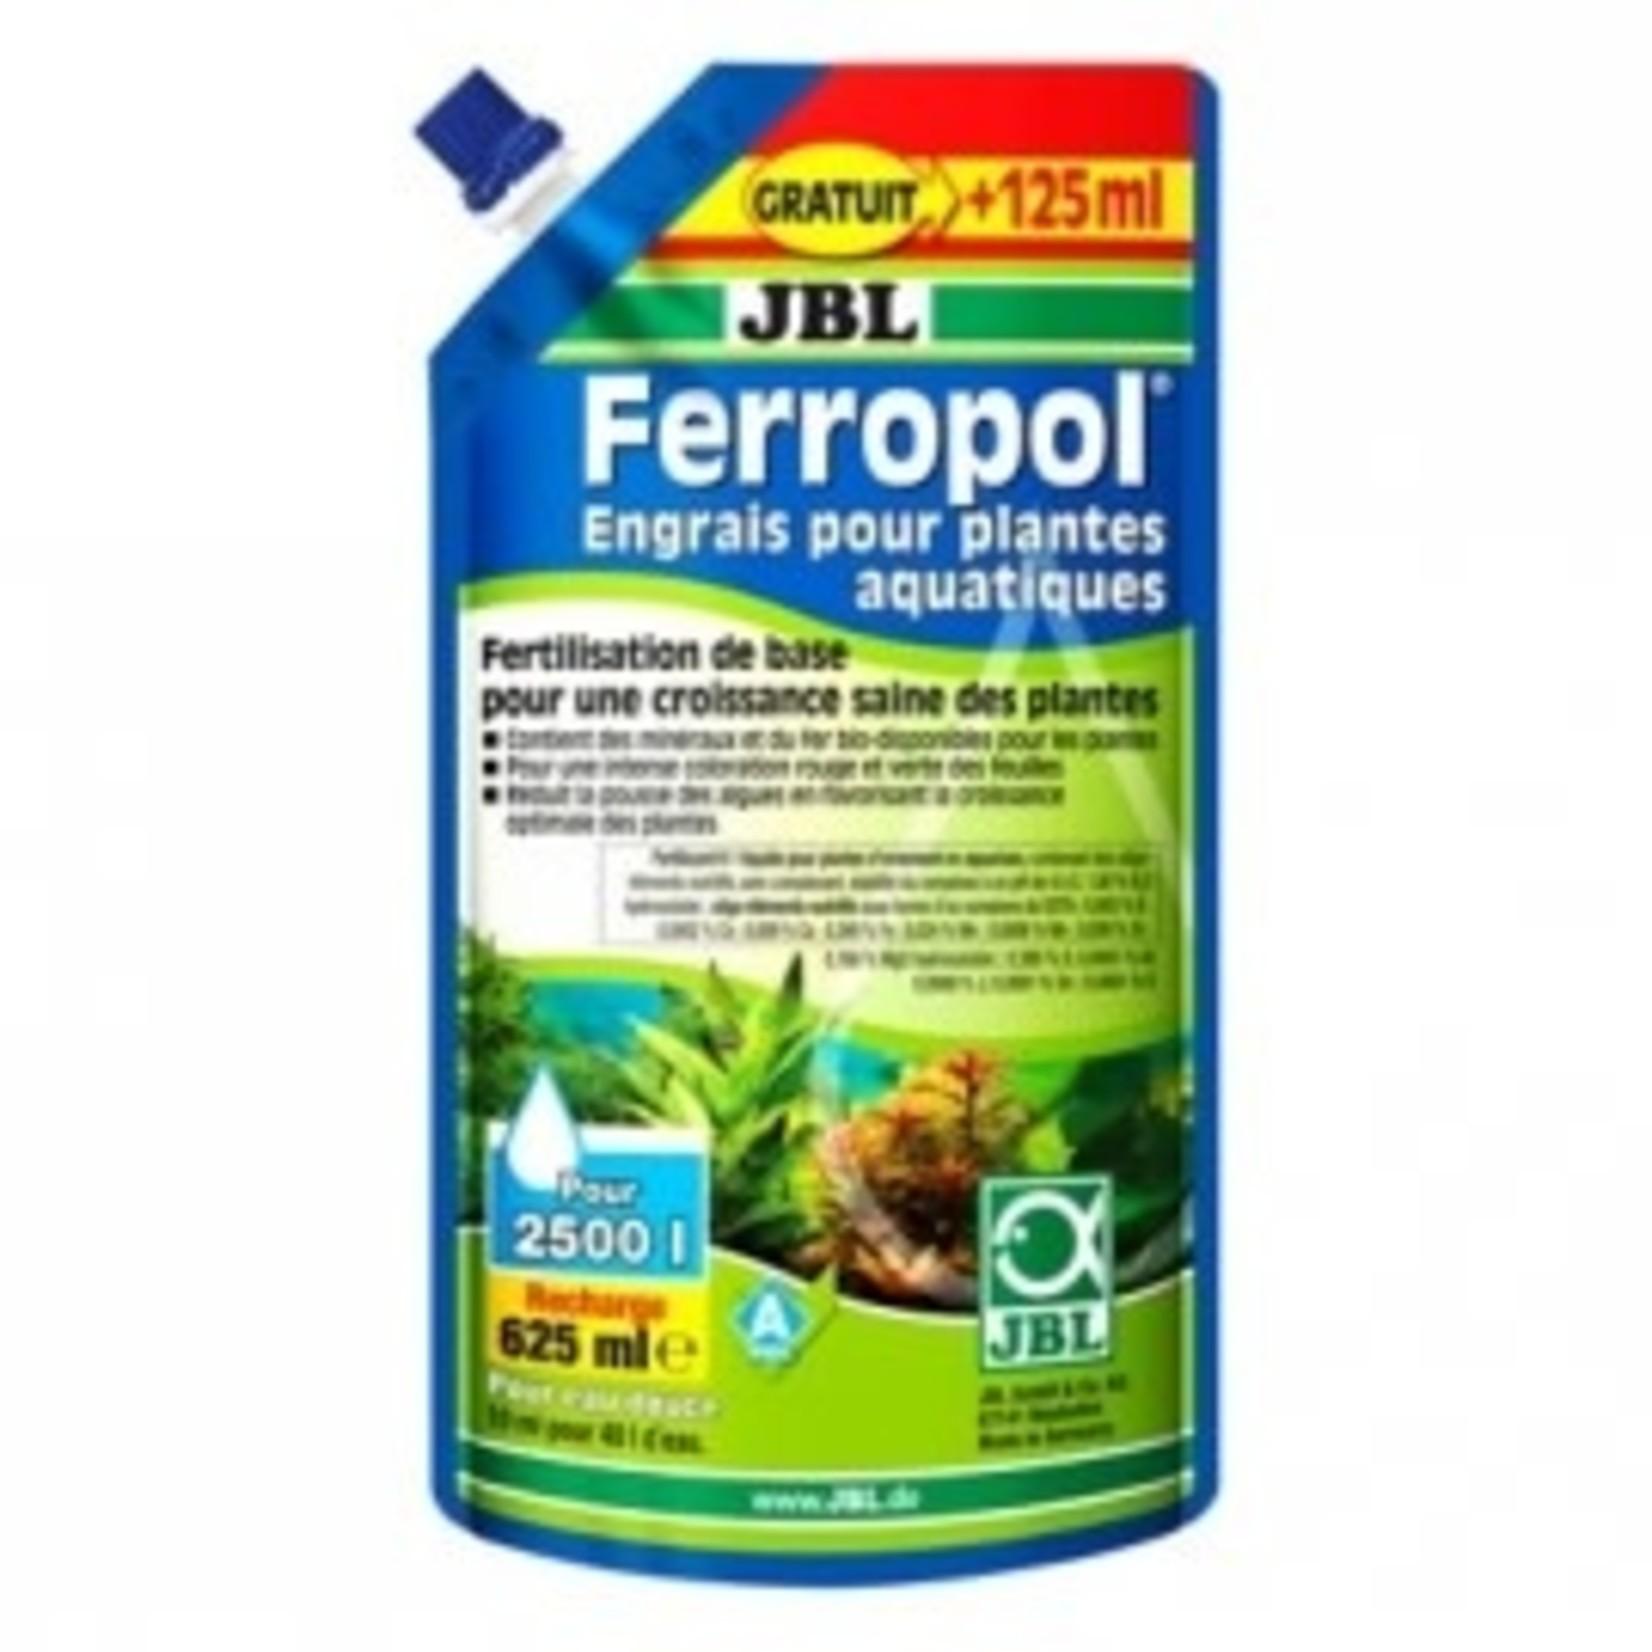 JBL FERROPOL 500ml+125ml gratuit (recharge)